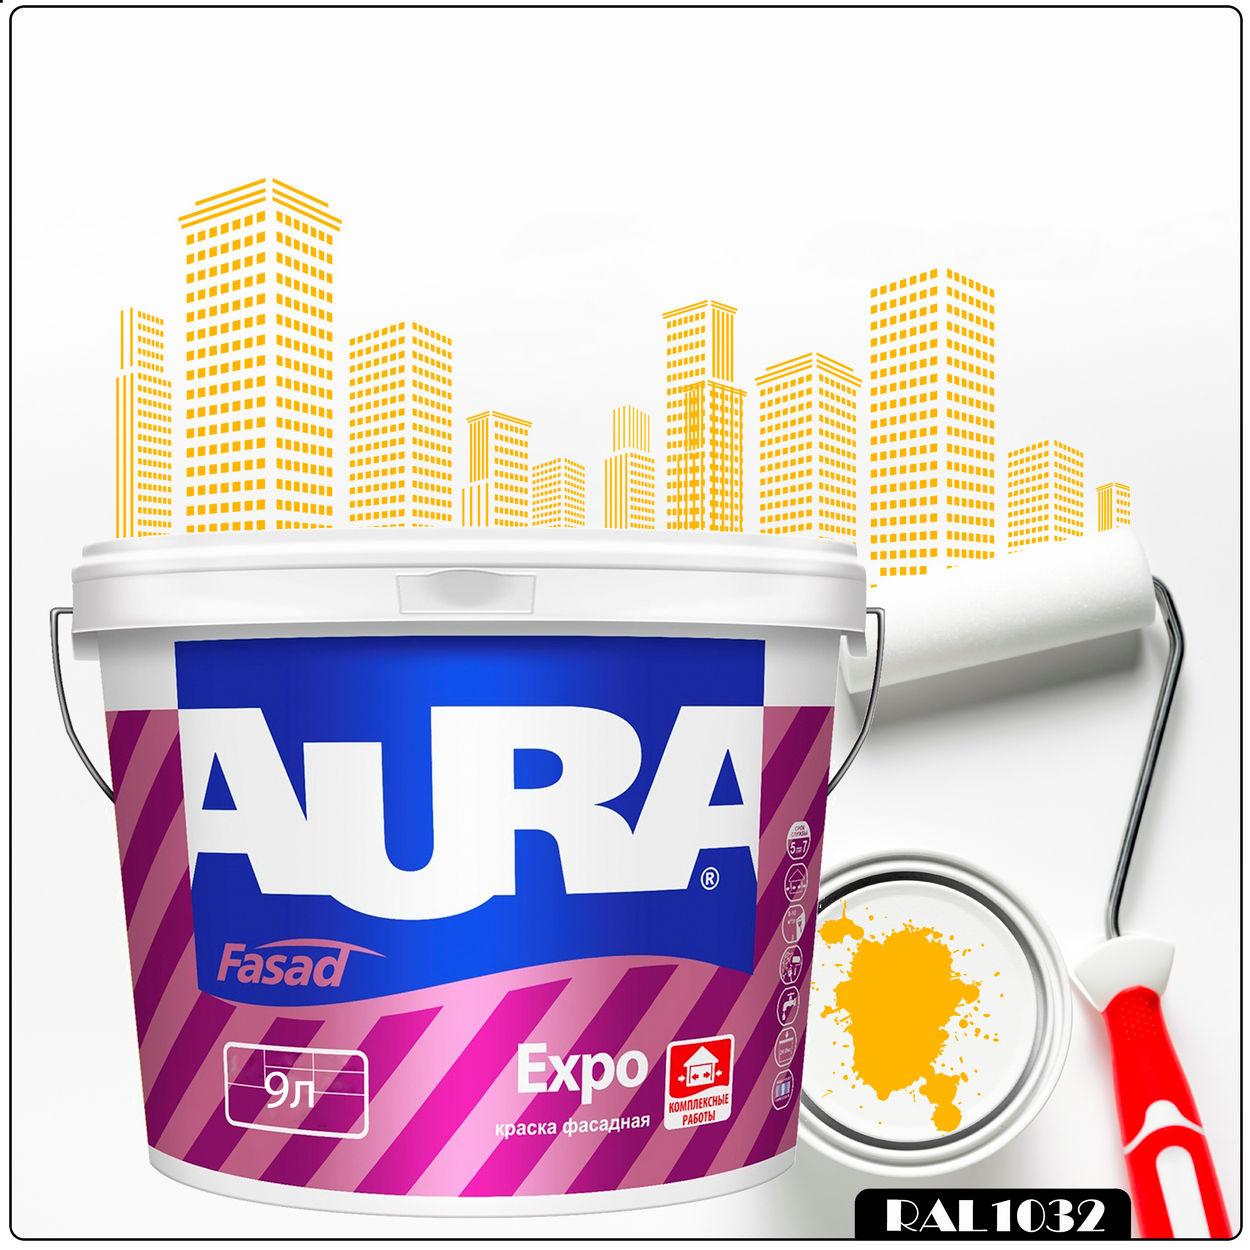 Фото 24 - Краска Aura Fasad Expo, RAL 1032 Жёлтый-ракитник, матовая, для фасадов и помещений с повышенной влажностью, 9л.